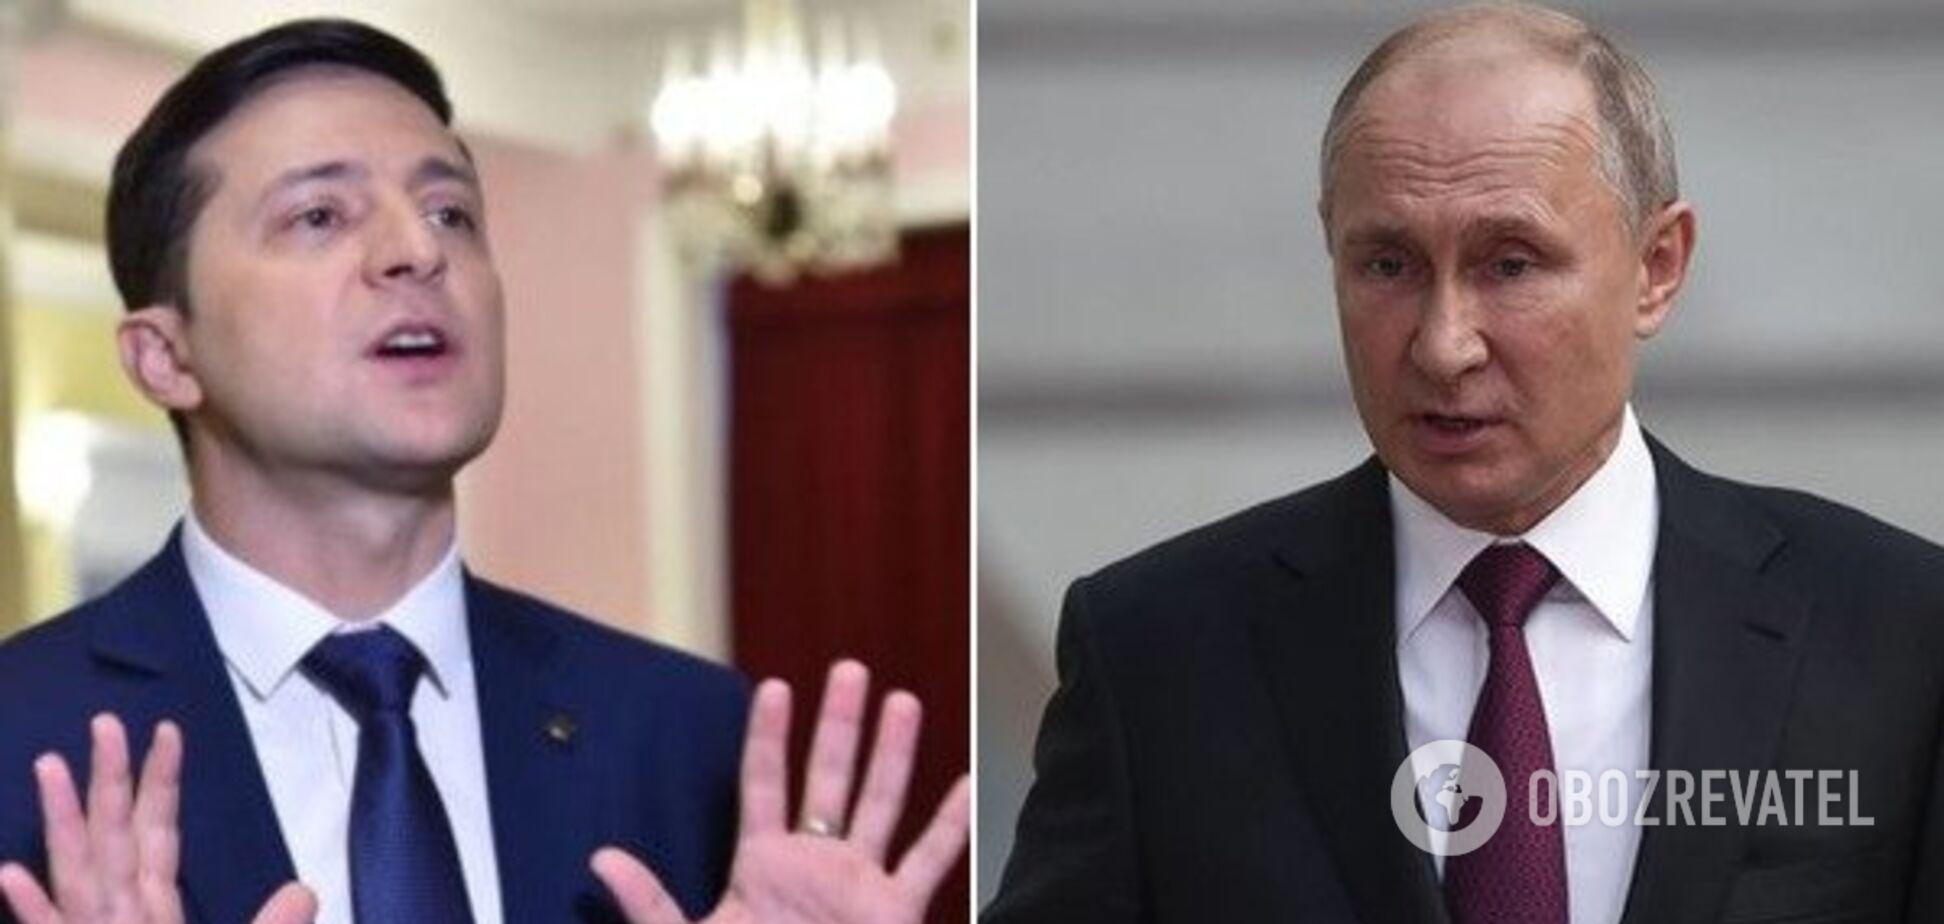 Встреча Зеленского и Путина на новой площадке: в сети разгорелся острый спор